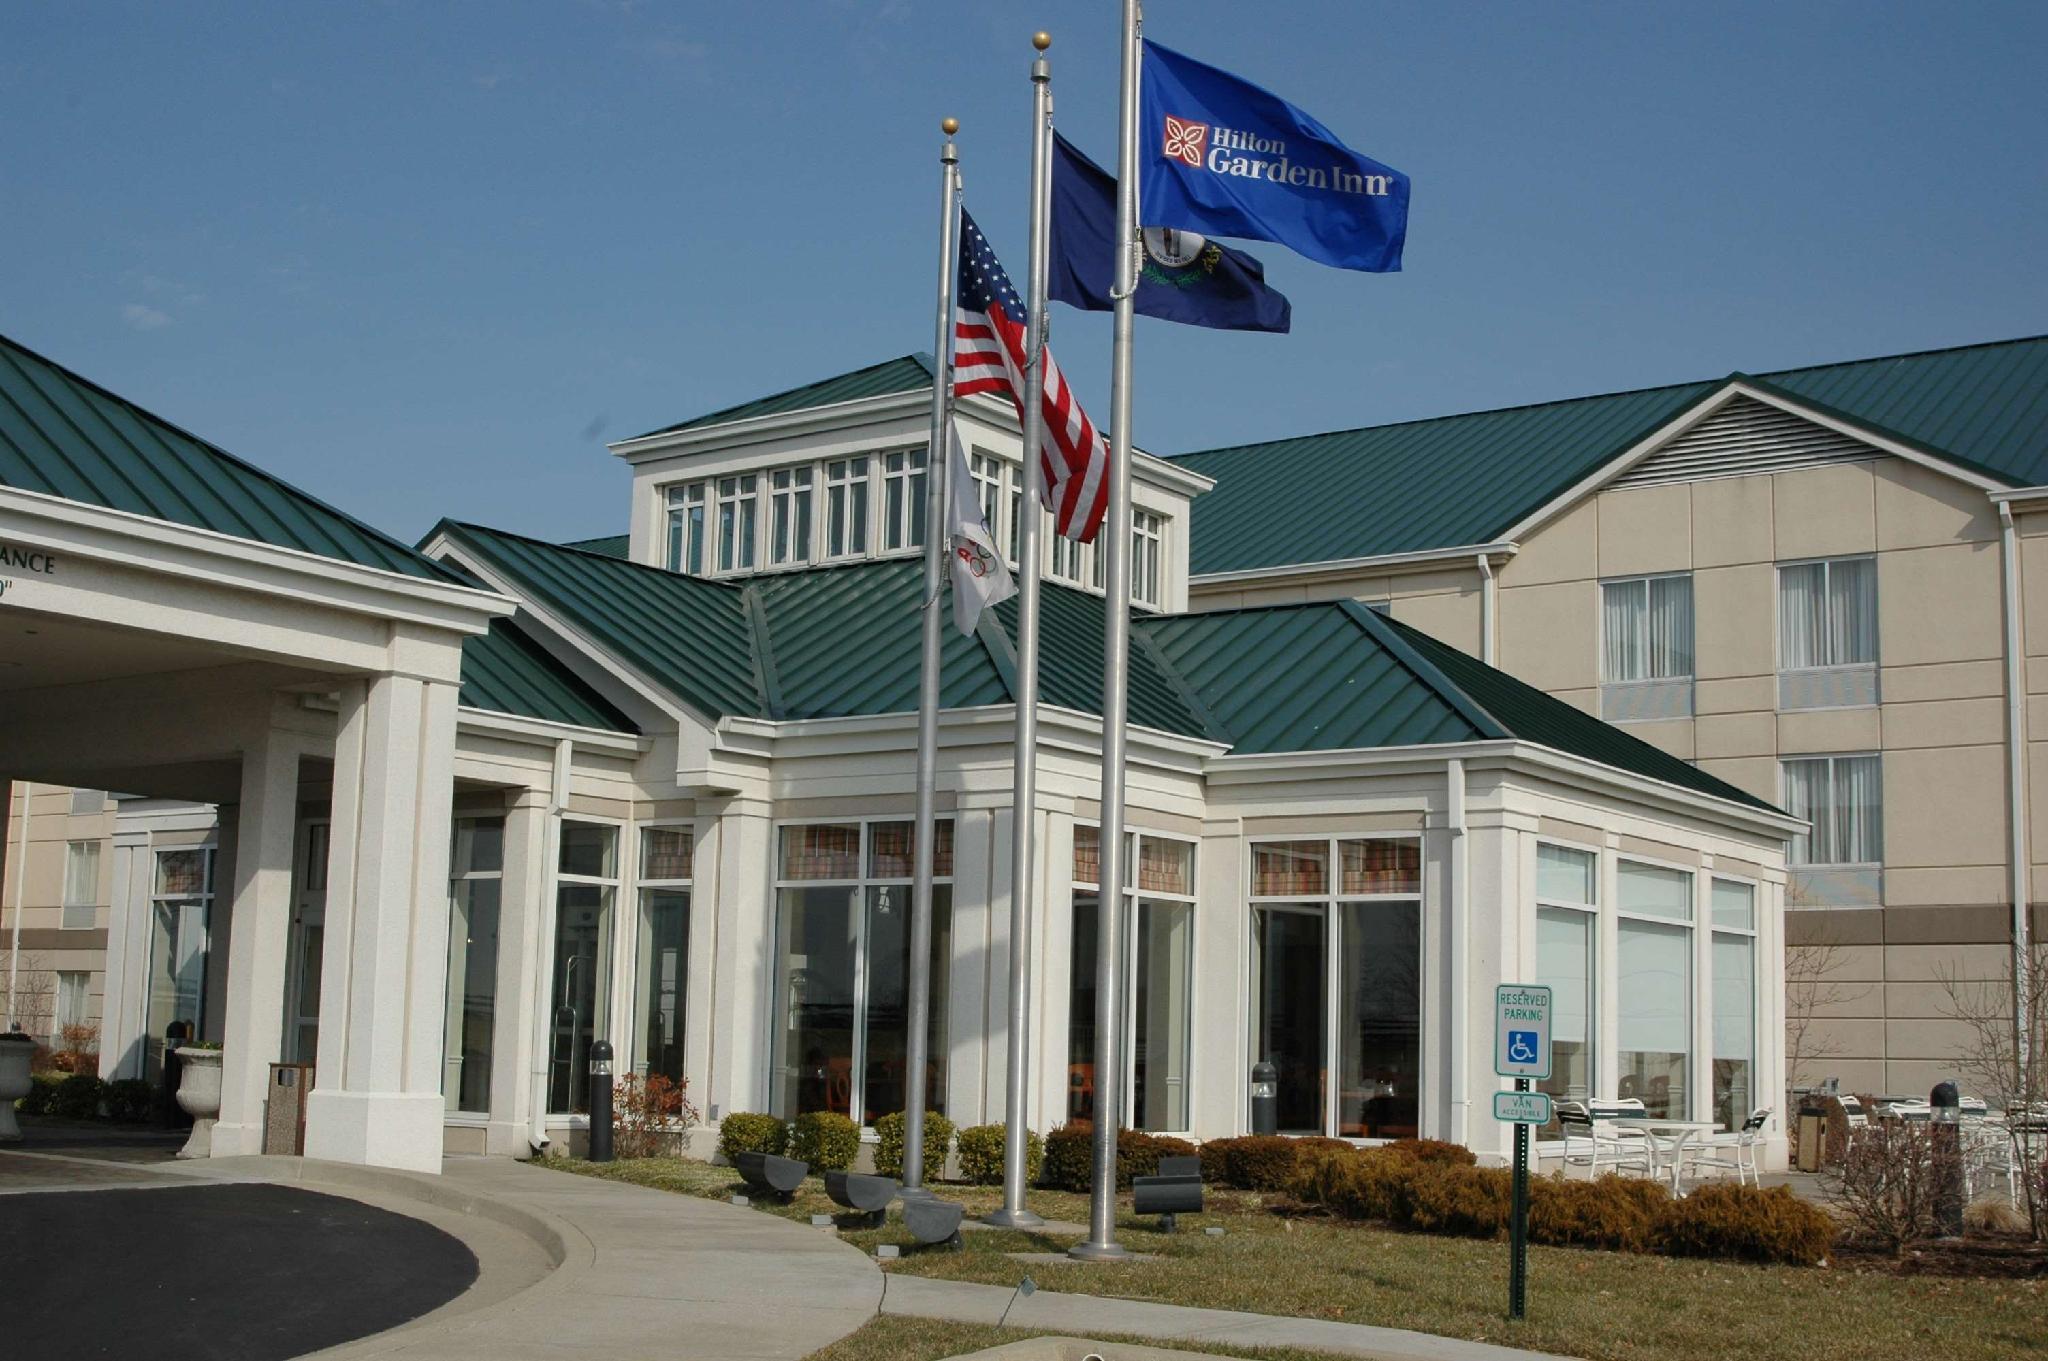 Hilton Garden Inn Louisville East Hotel In Louisville (KY)   Room ...